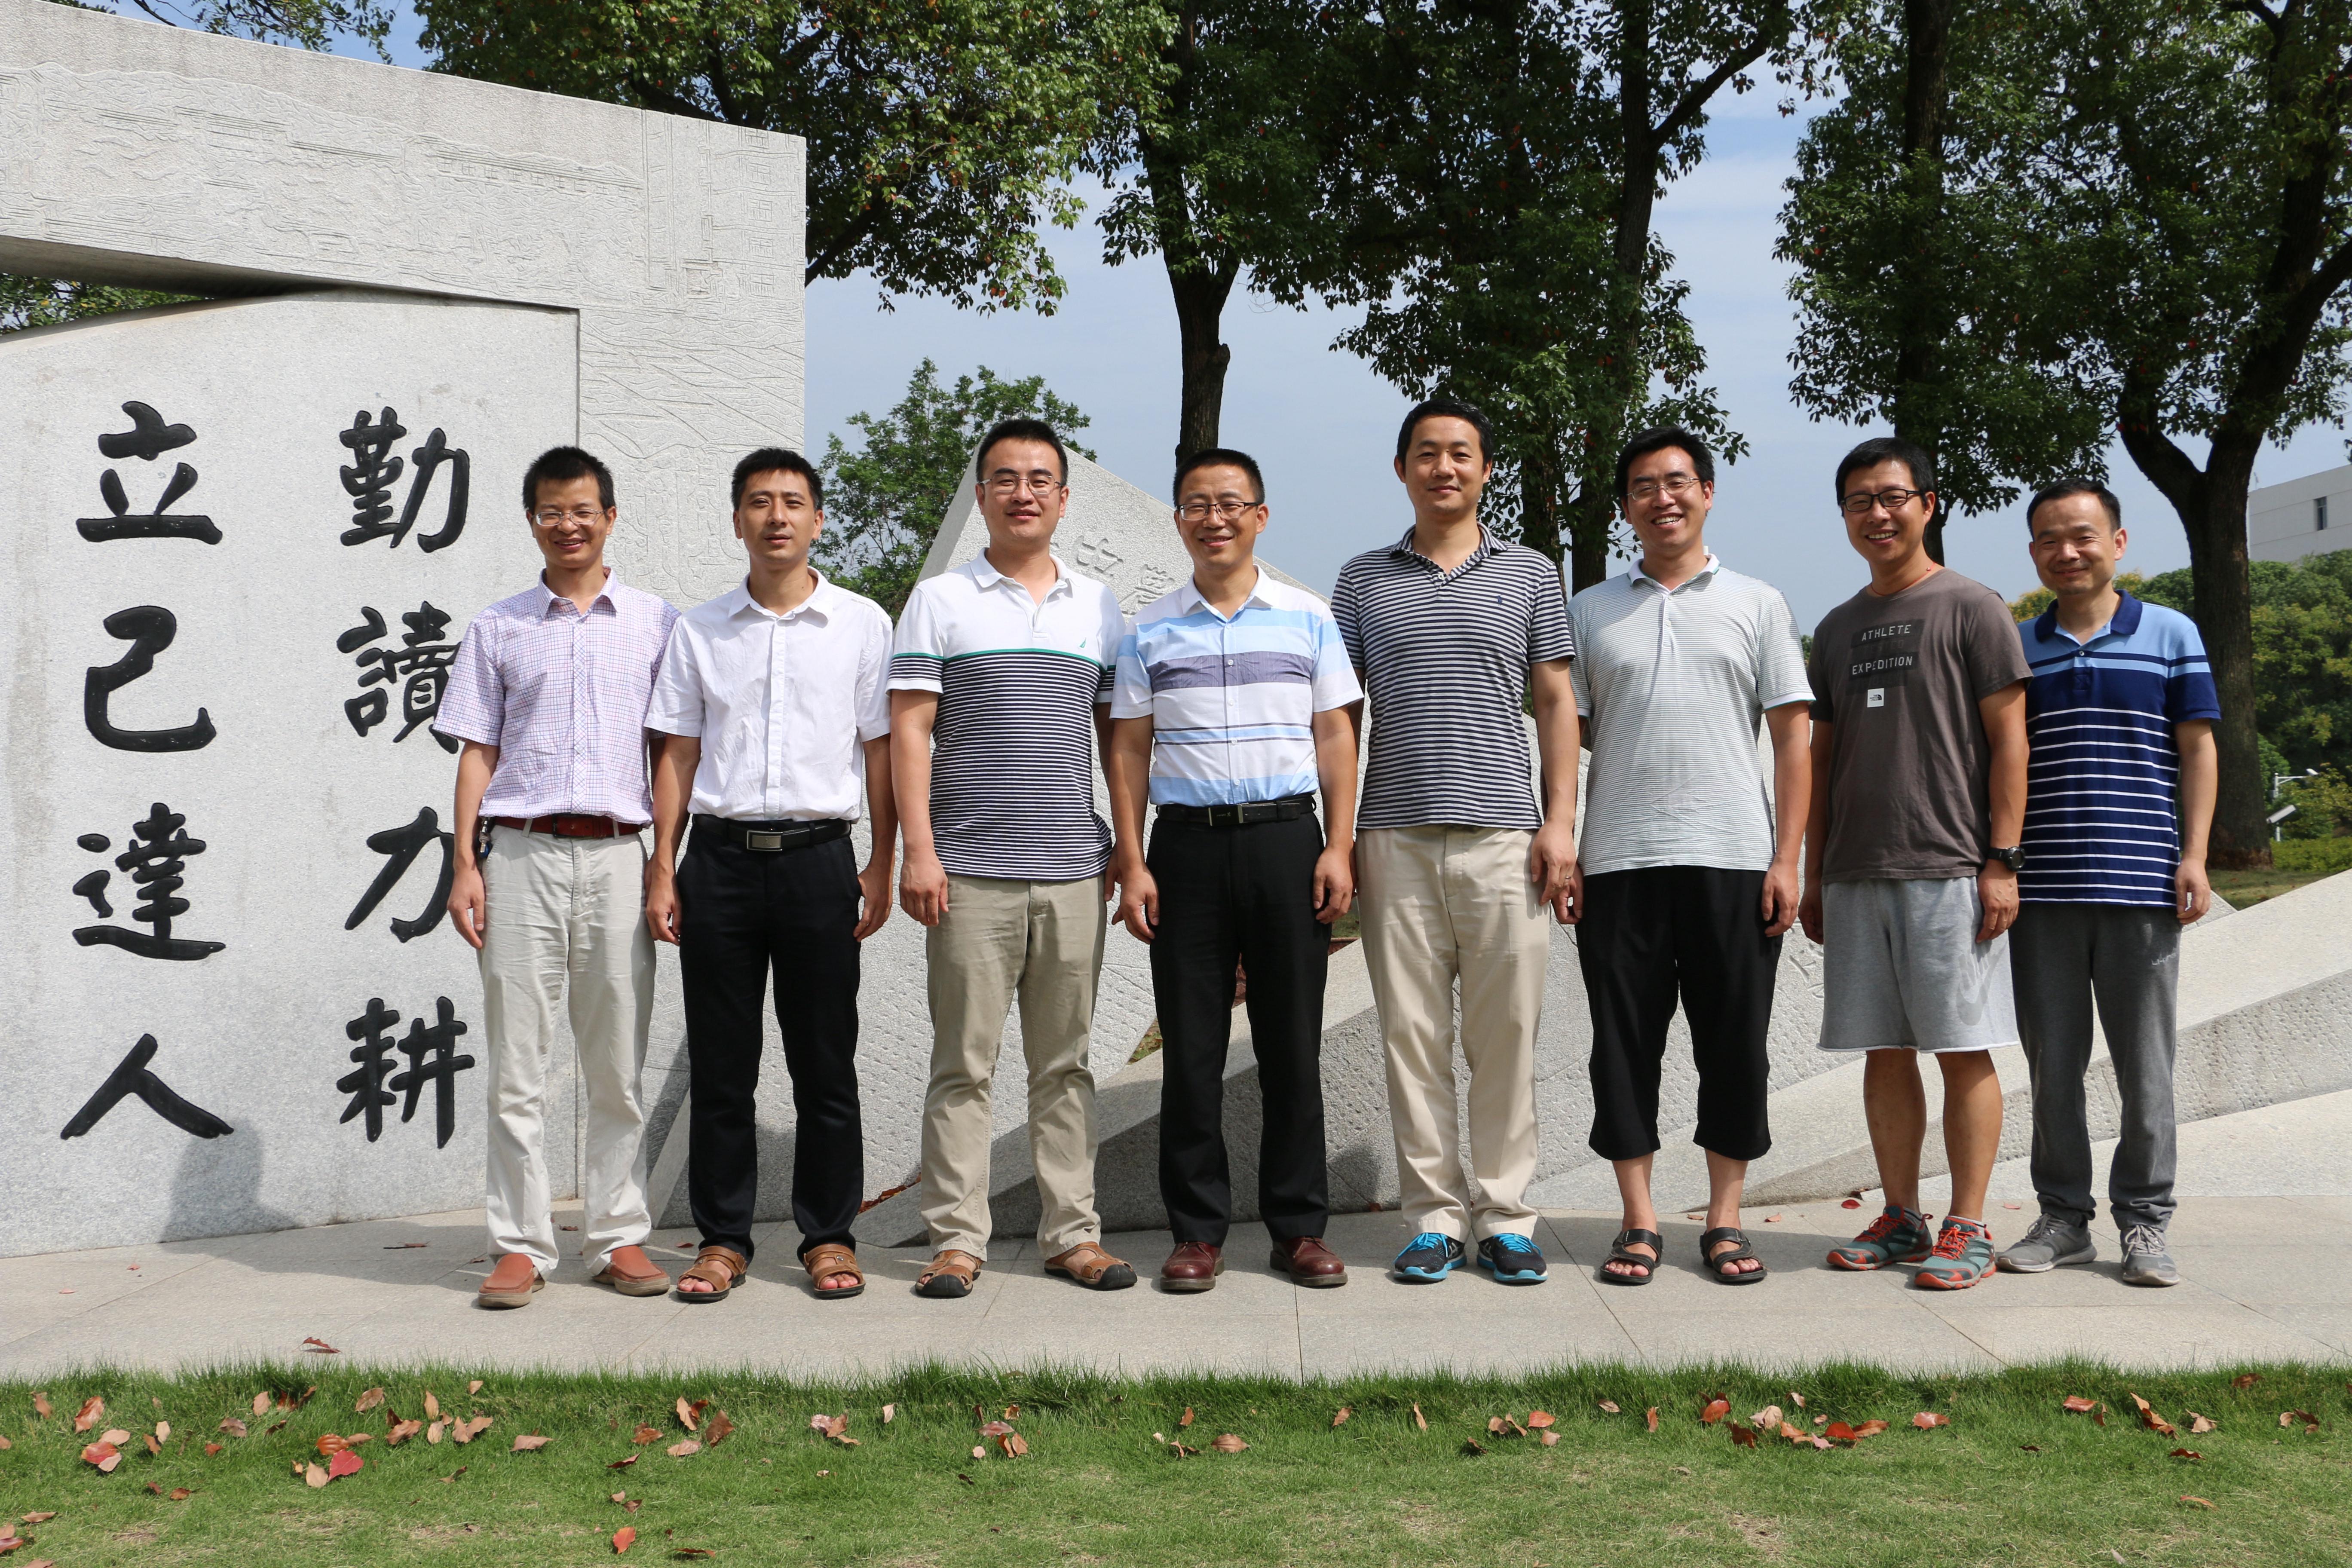 我校三维基因组学研究团队部分成员合影(陈治国 摄)